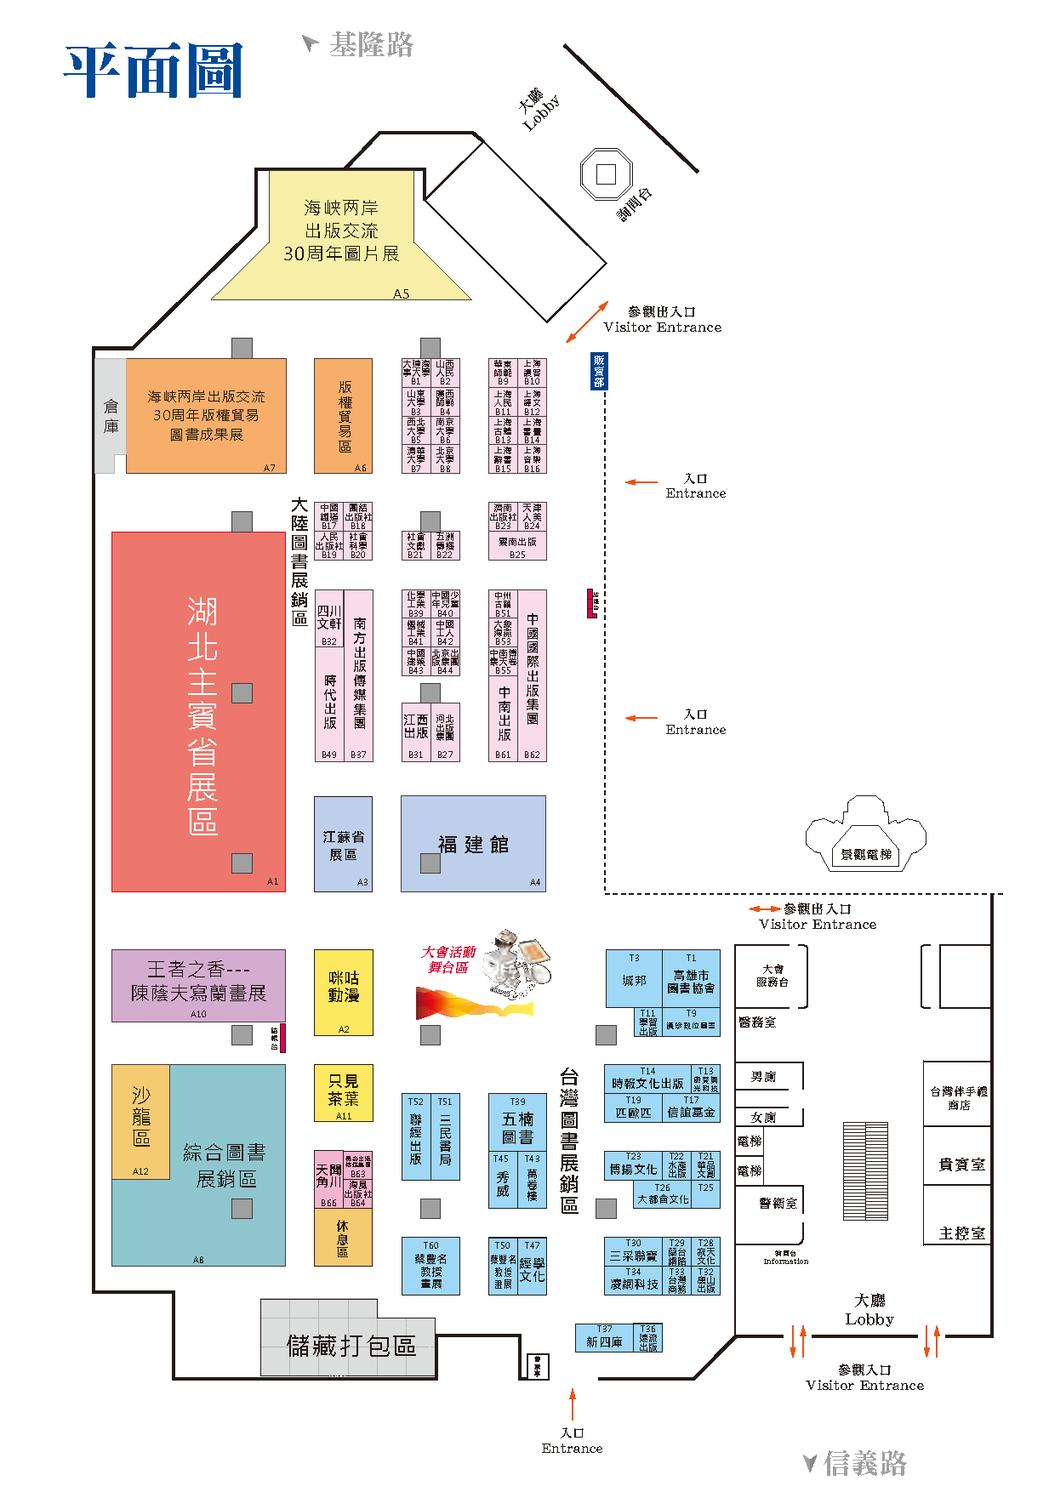 本次第14屆海圖會主會場臺北世貿一館的平面圖,展區活動豐富,精彩可期。 圖/海峽...